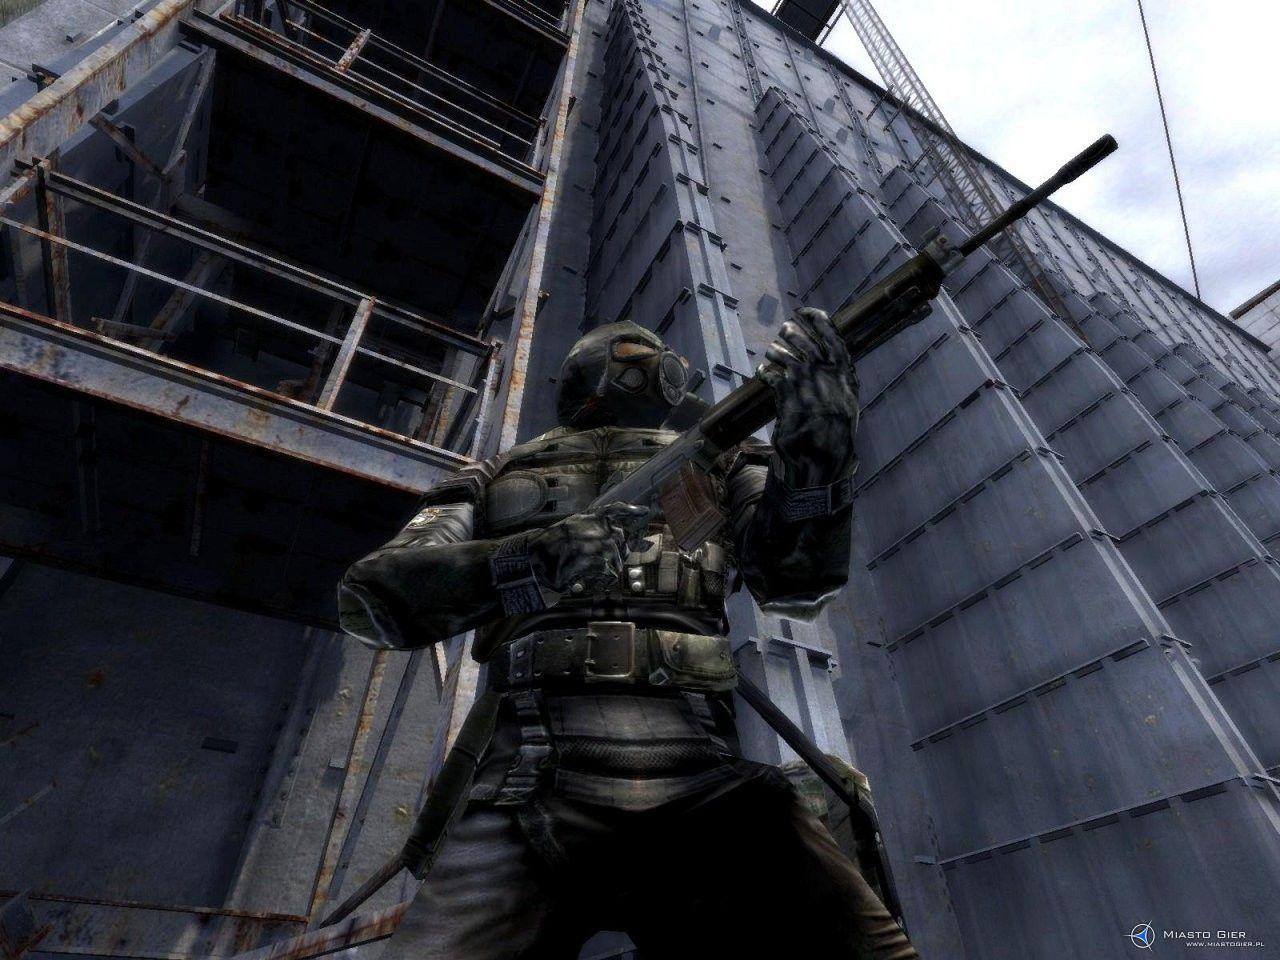 gra s t a l k e r shadow of chernobyl trafiła na półki sklepowe